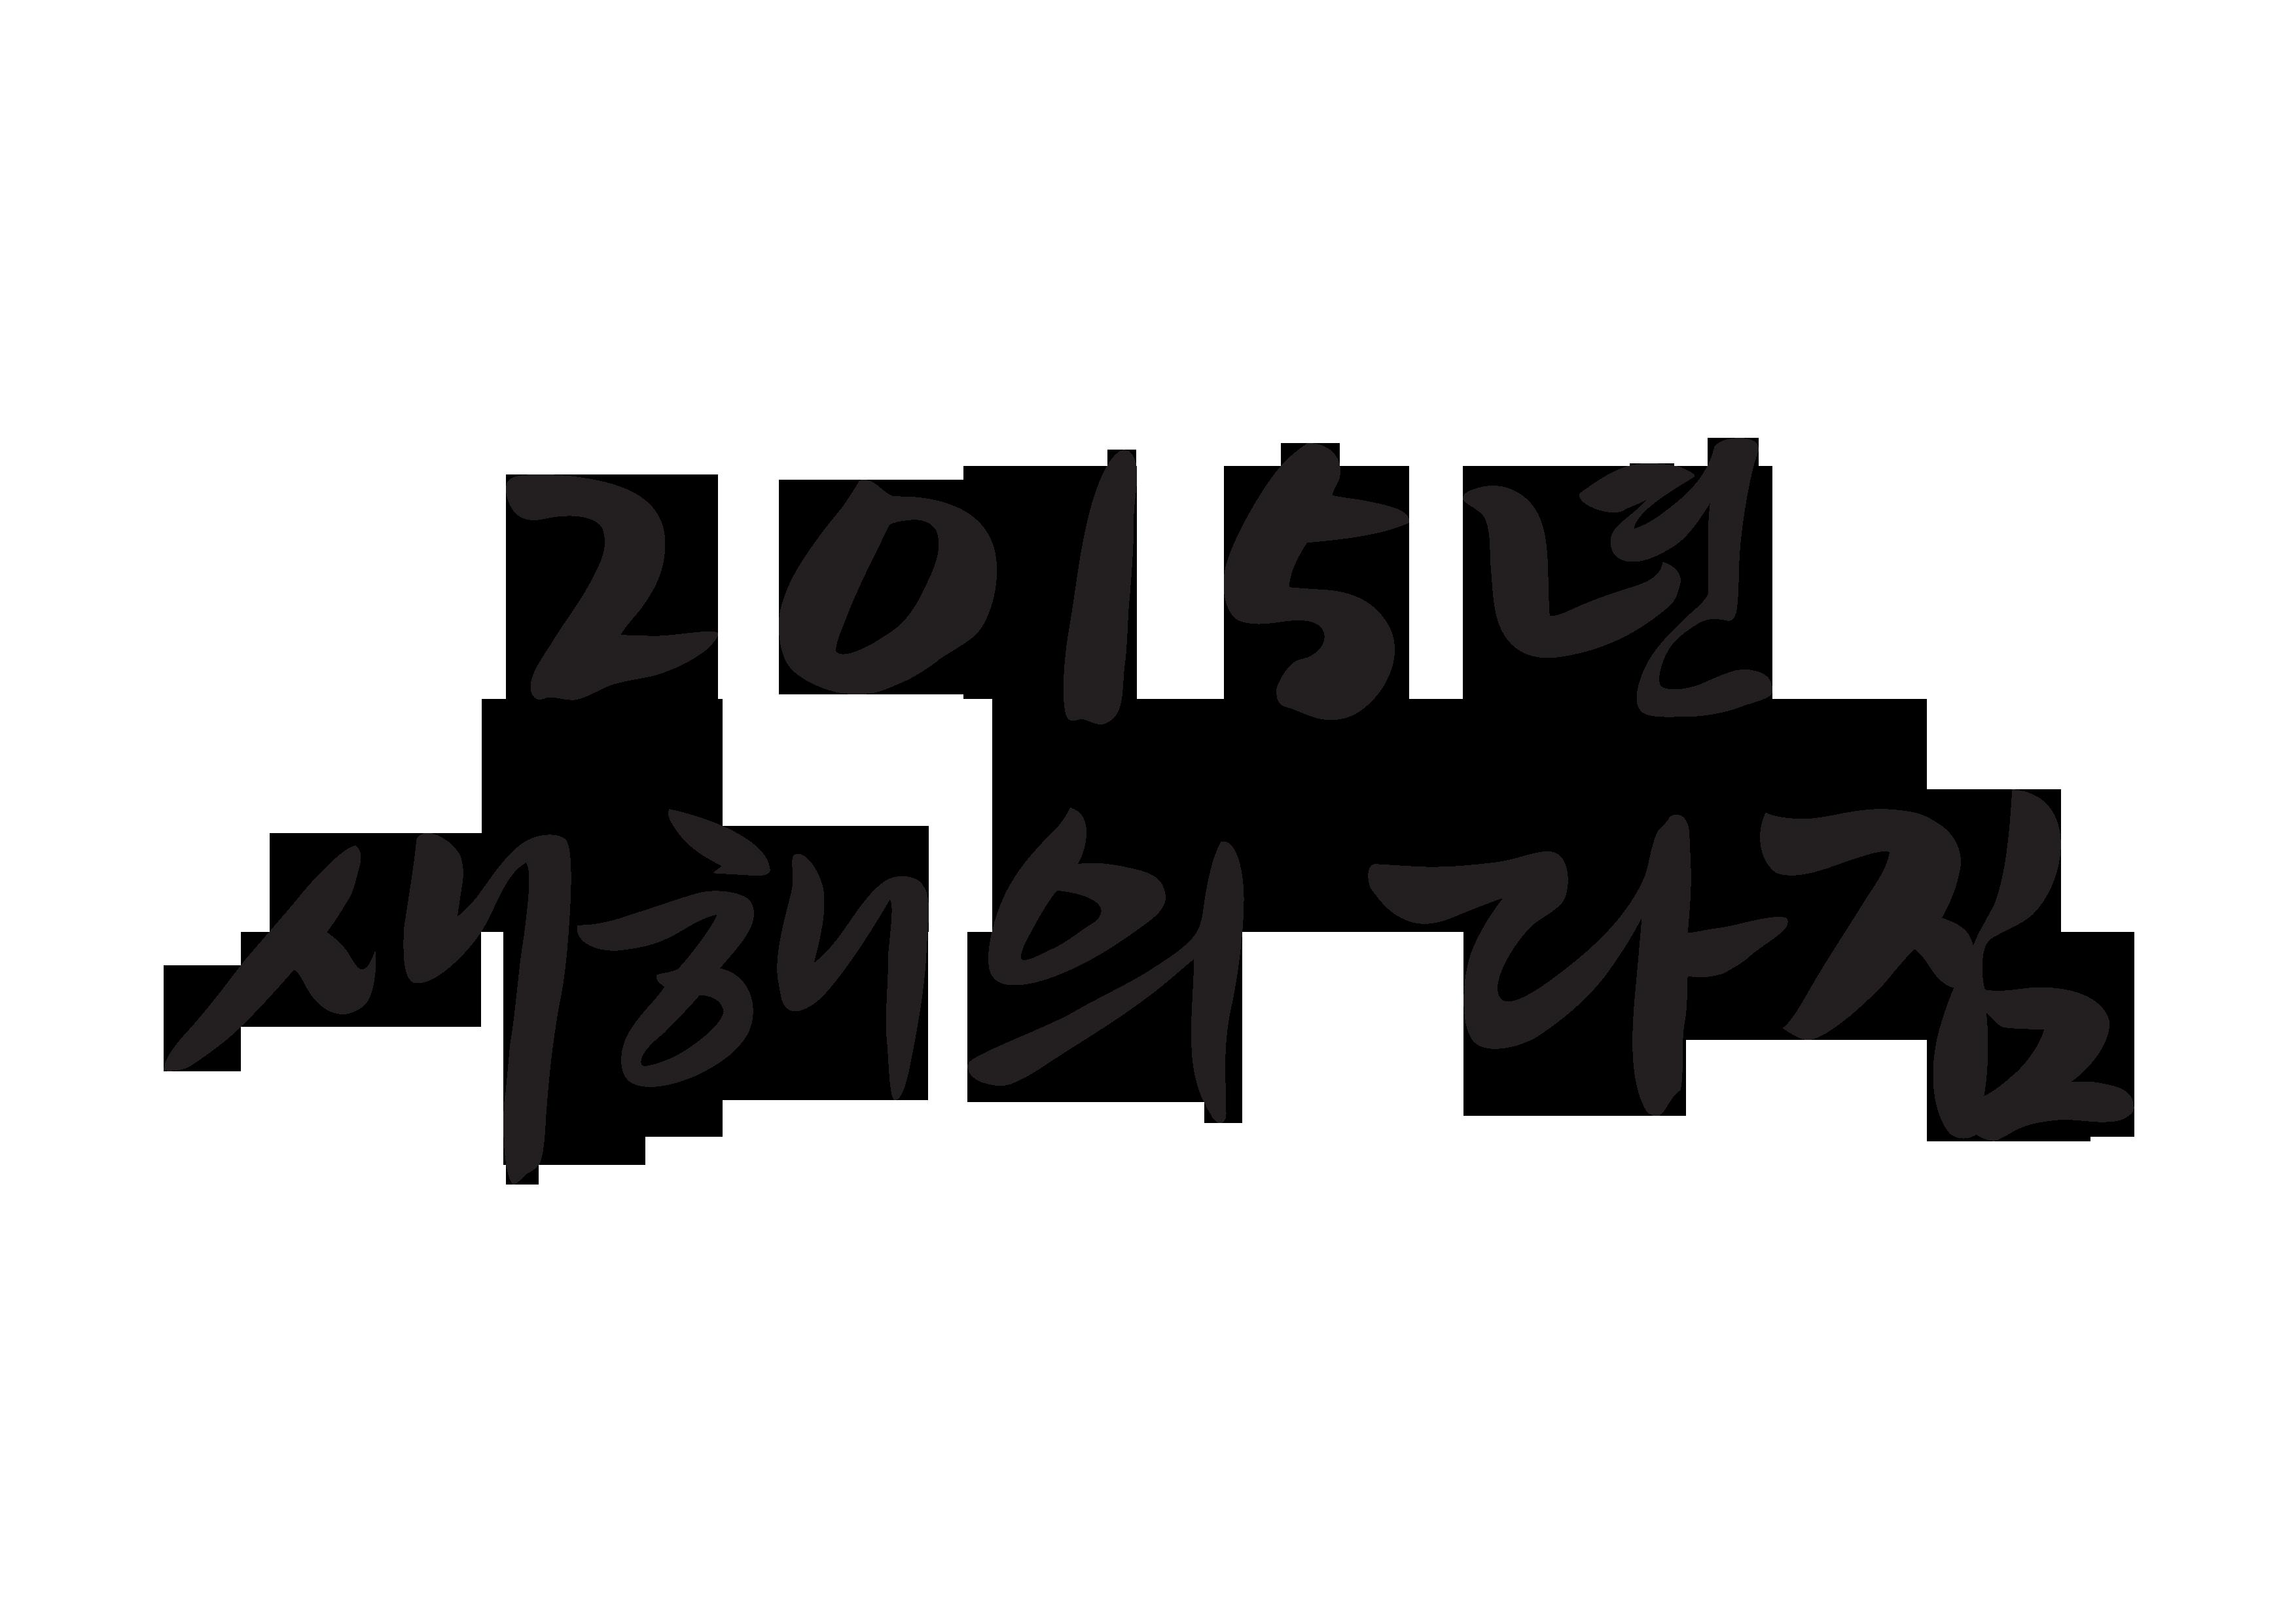 2015년 새해의 다짐